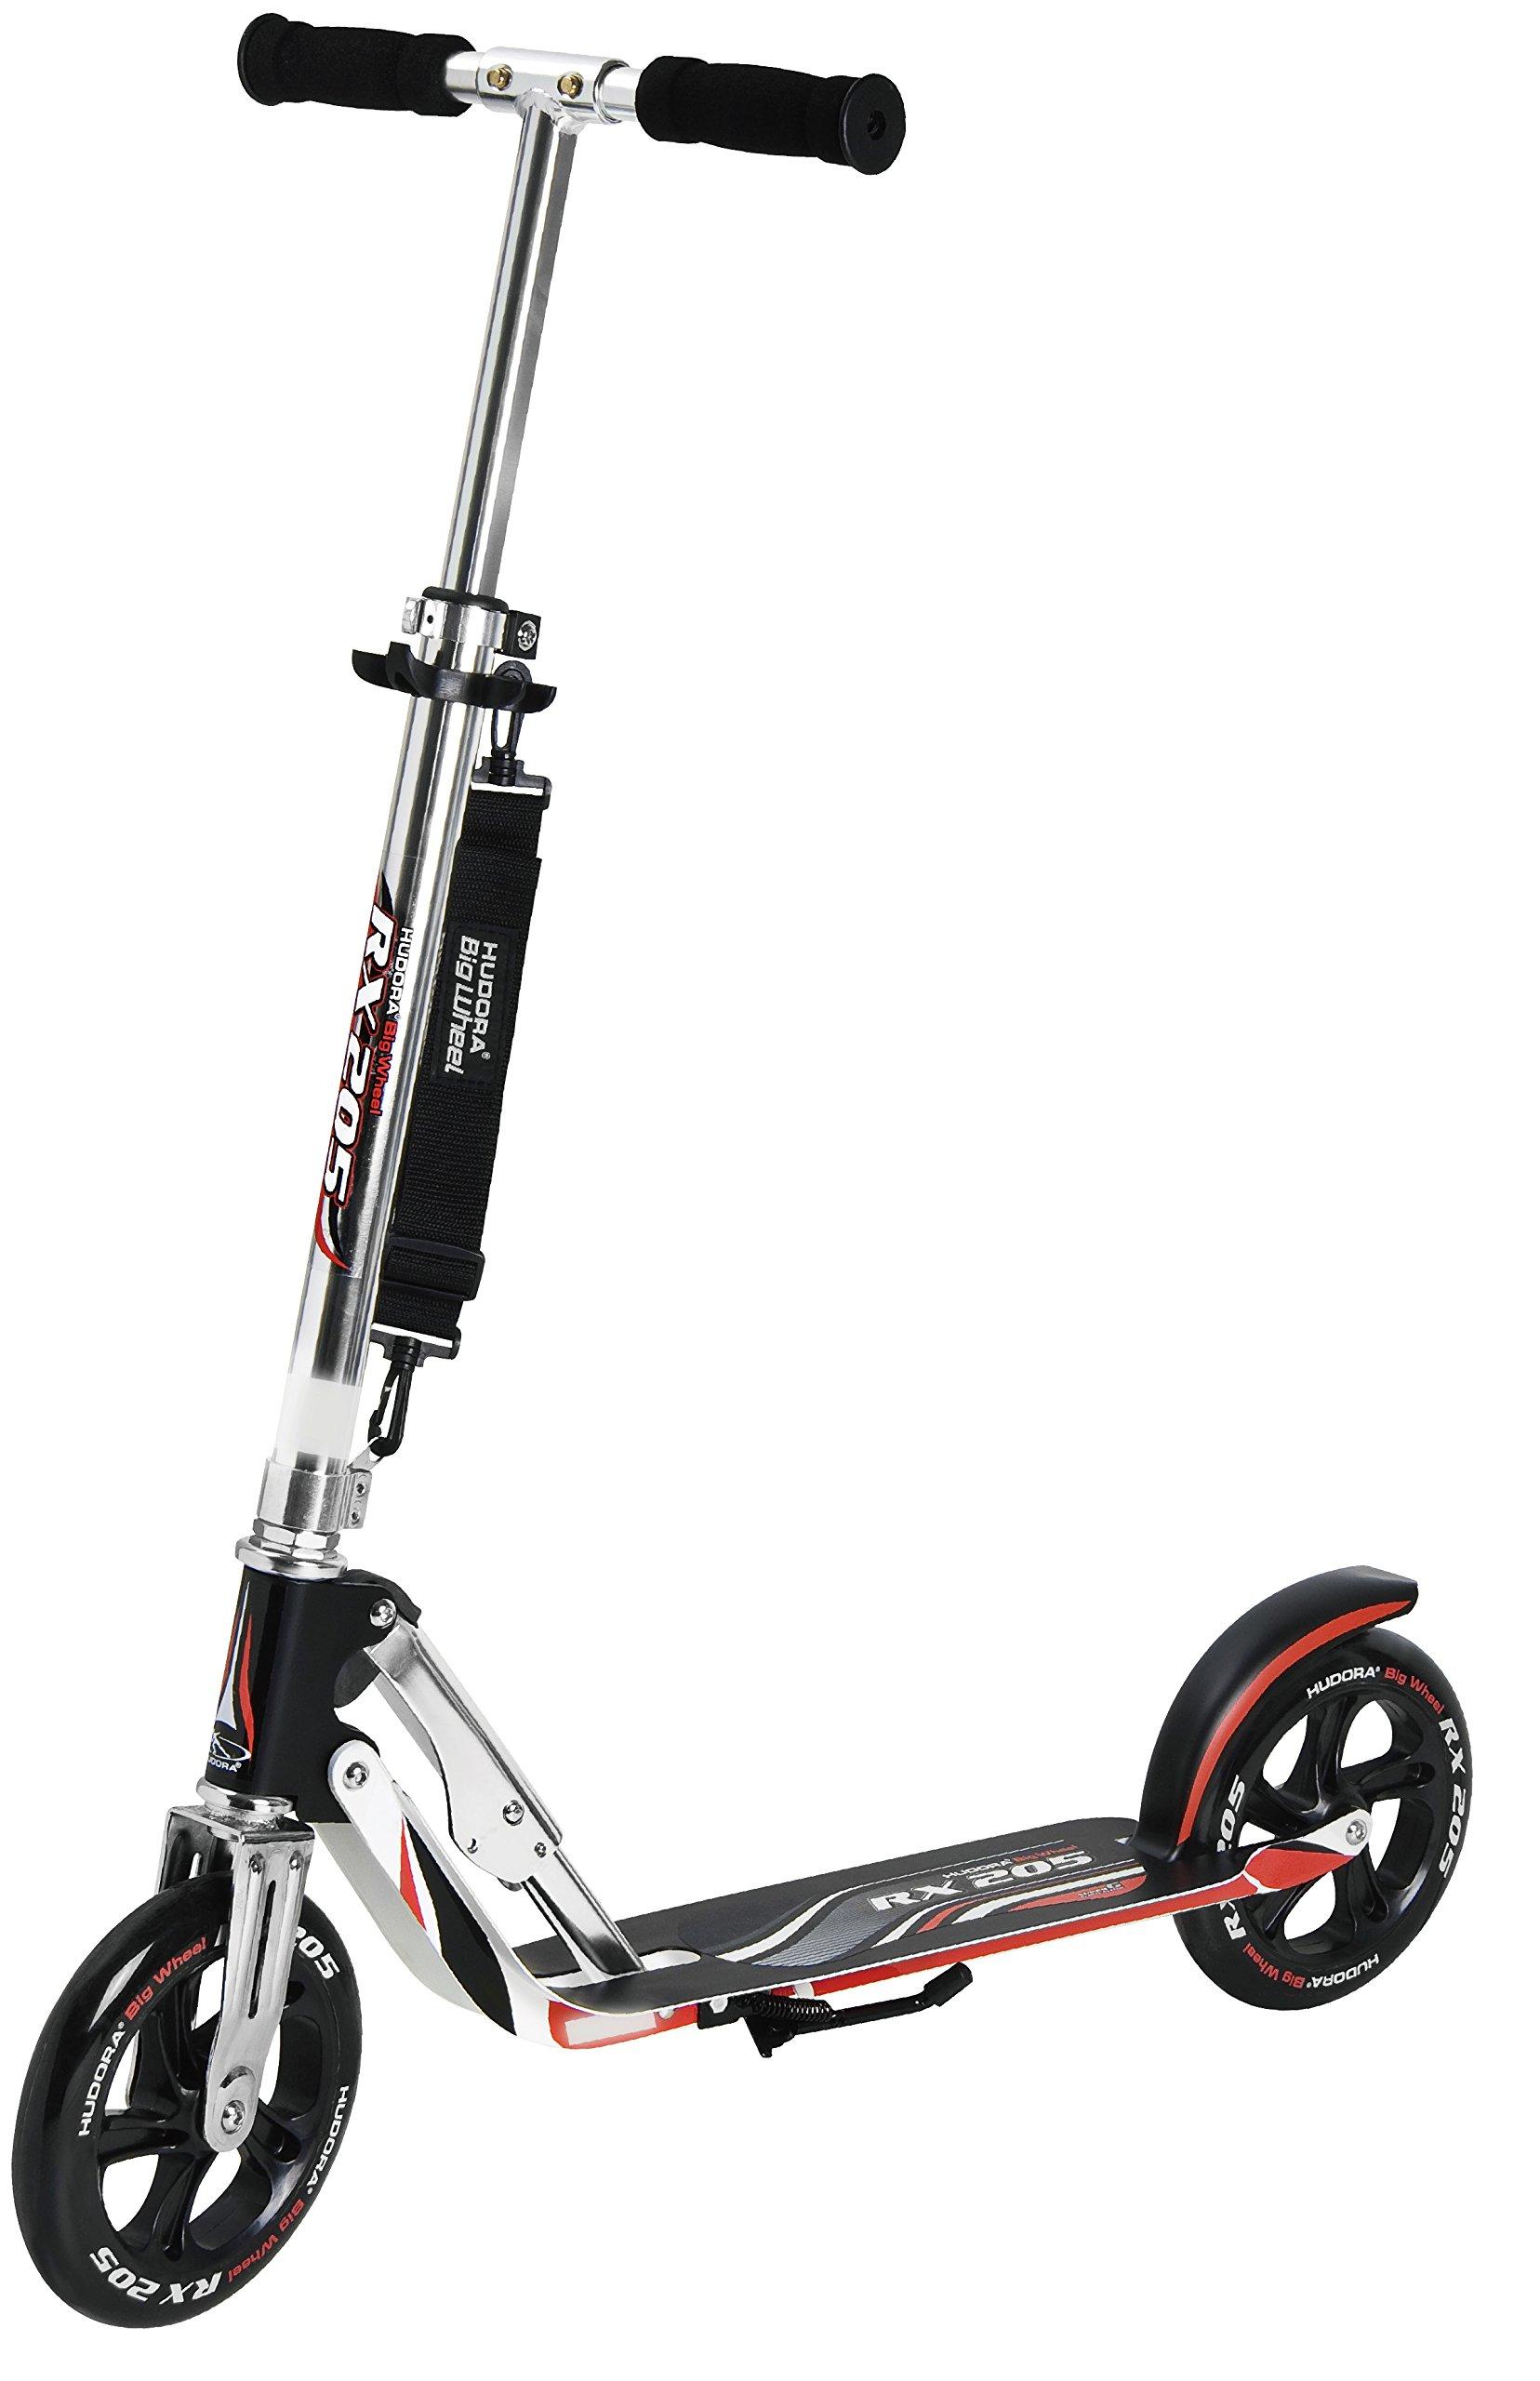 HUDORA 14724 Adult Folding Kick Scooter- 2 Big PU Wheels 205 mm, Adjustable Bar,Reinforced Deck by HUDORA